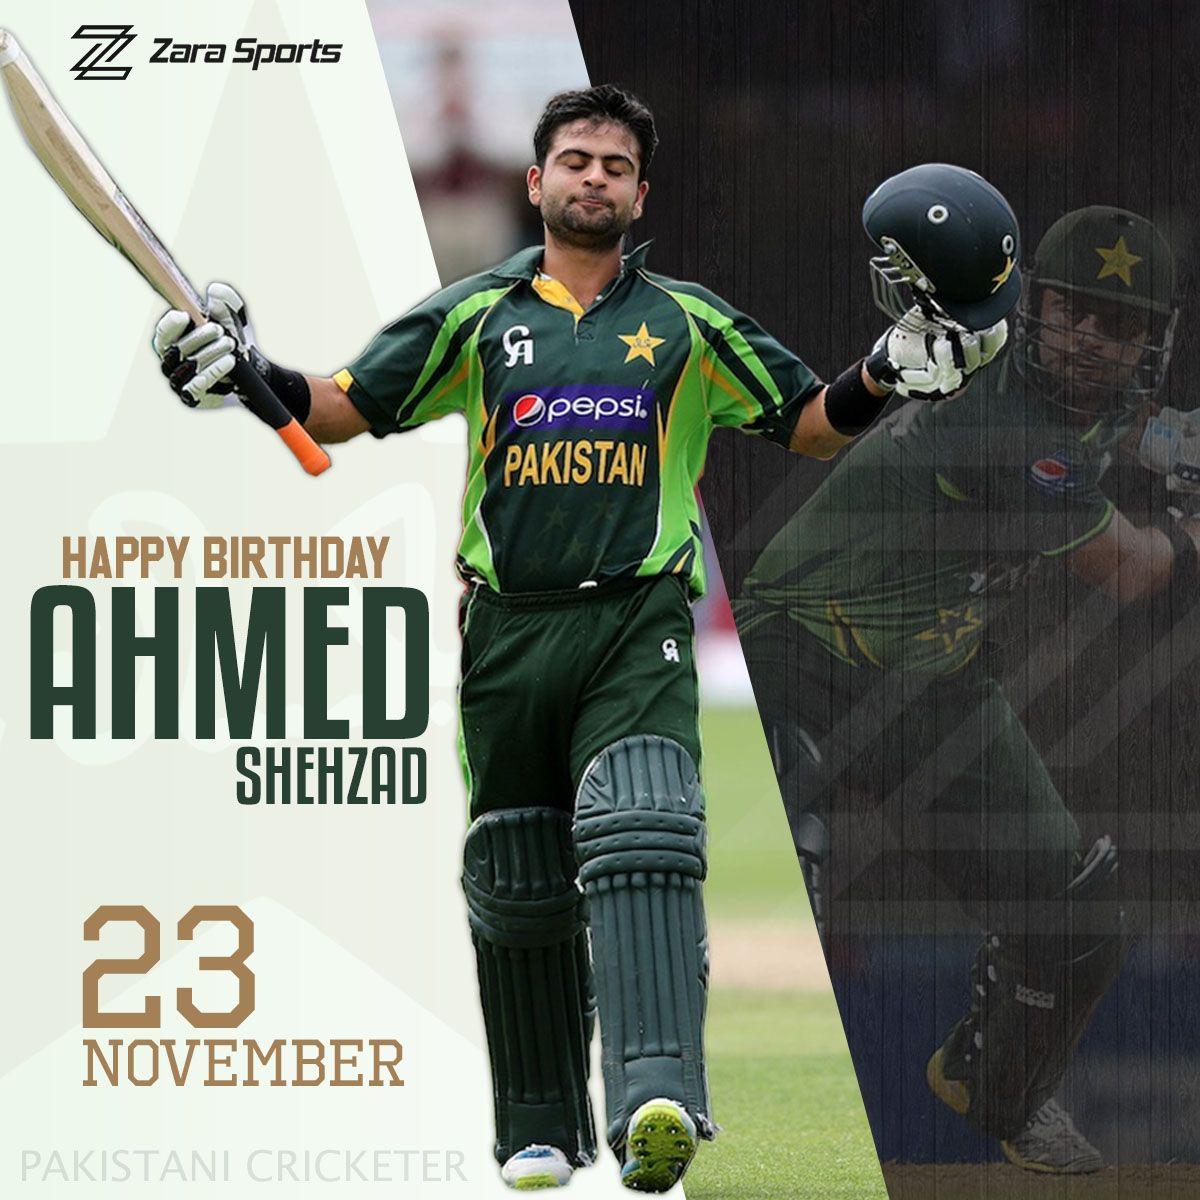 Premier Online Sports Store in Pakistan Very happy